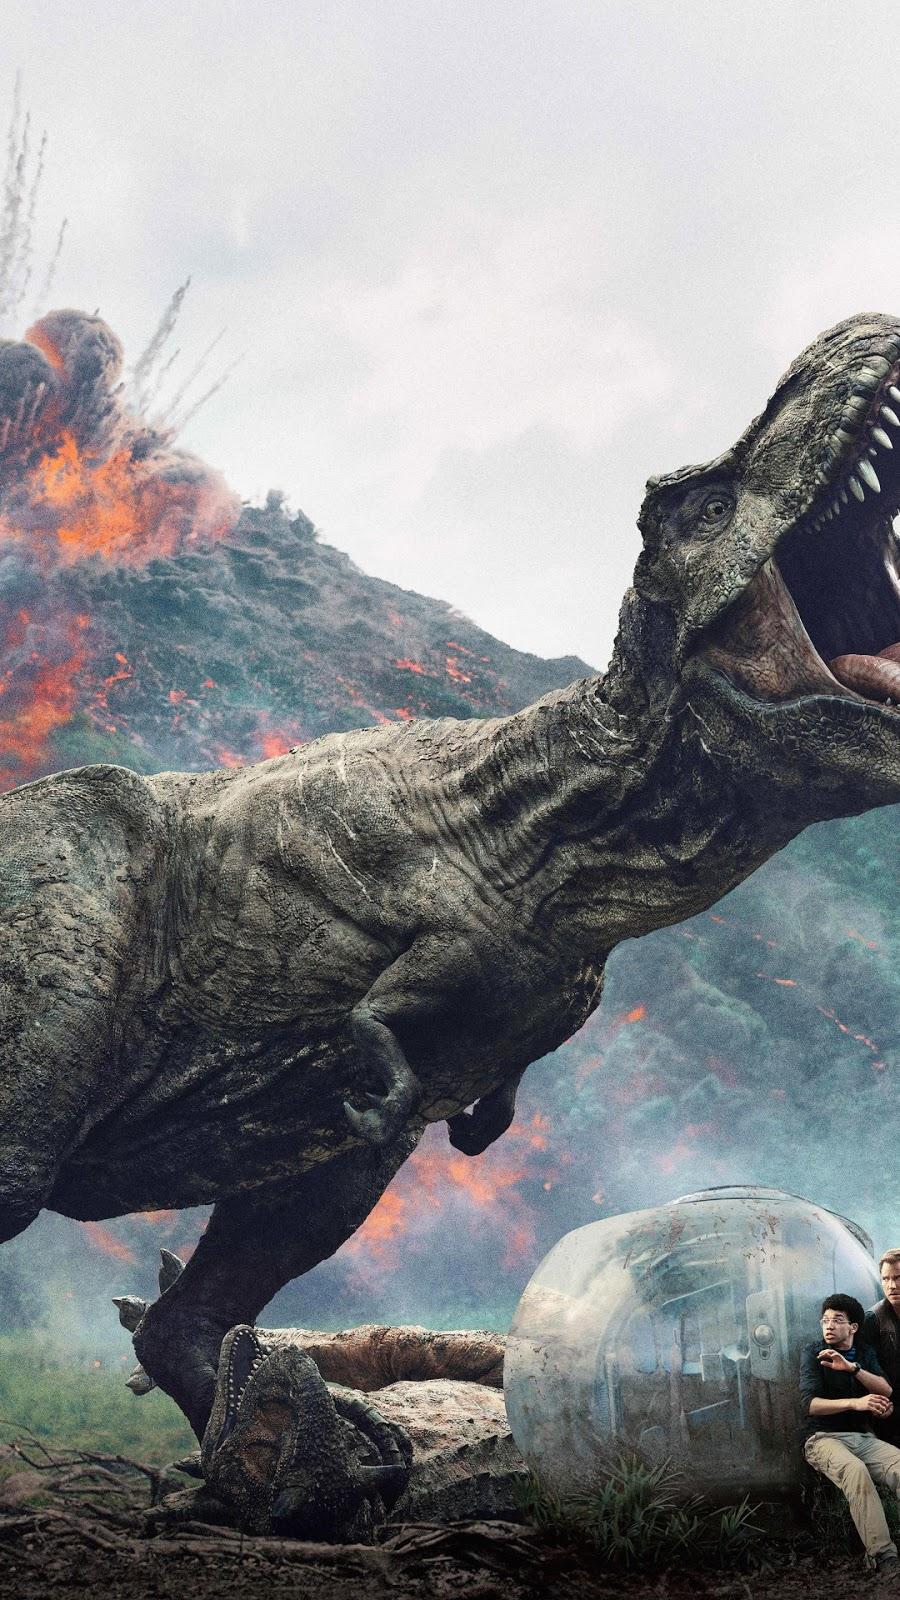 Papel de parede grátis Jurassic World: Reino Ameaçado para PC, Notebook, iPhone, Android e Tablet.